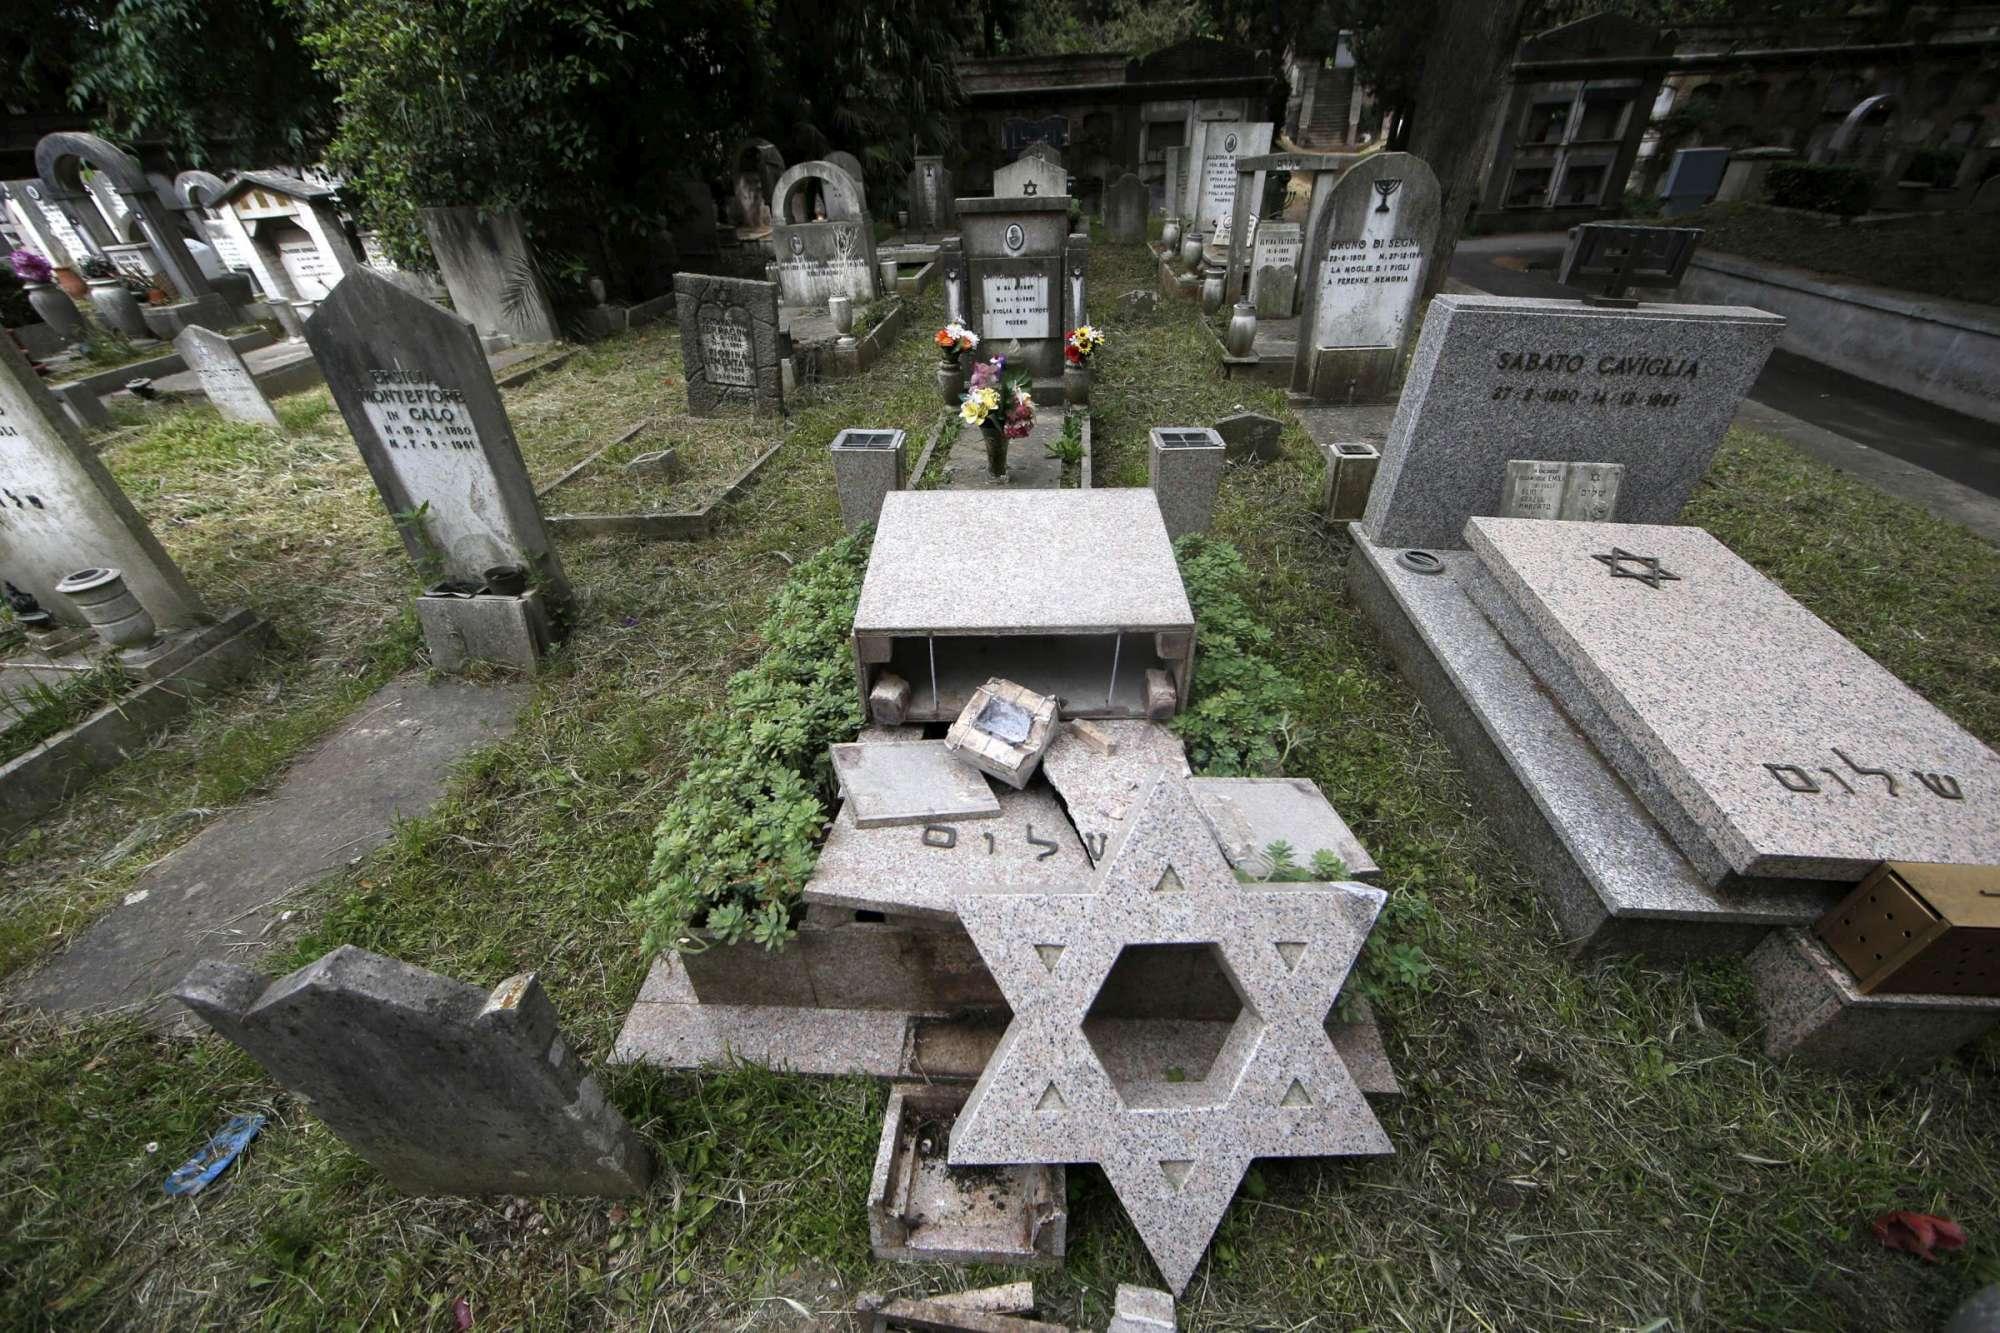 Roma, raid vandalico al cimitero del Verano. Danneggiate 70 tombe